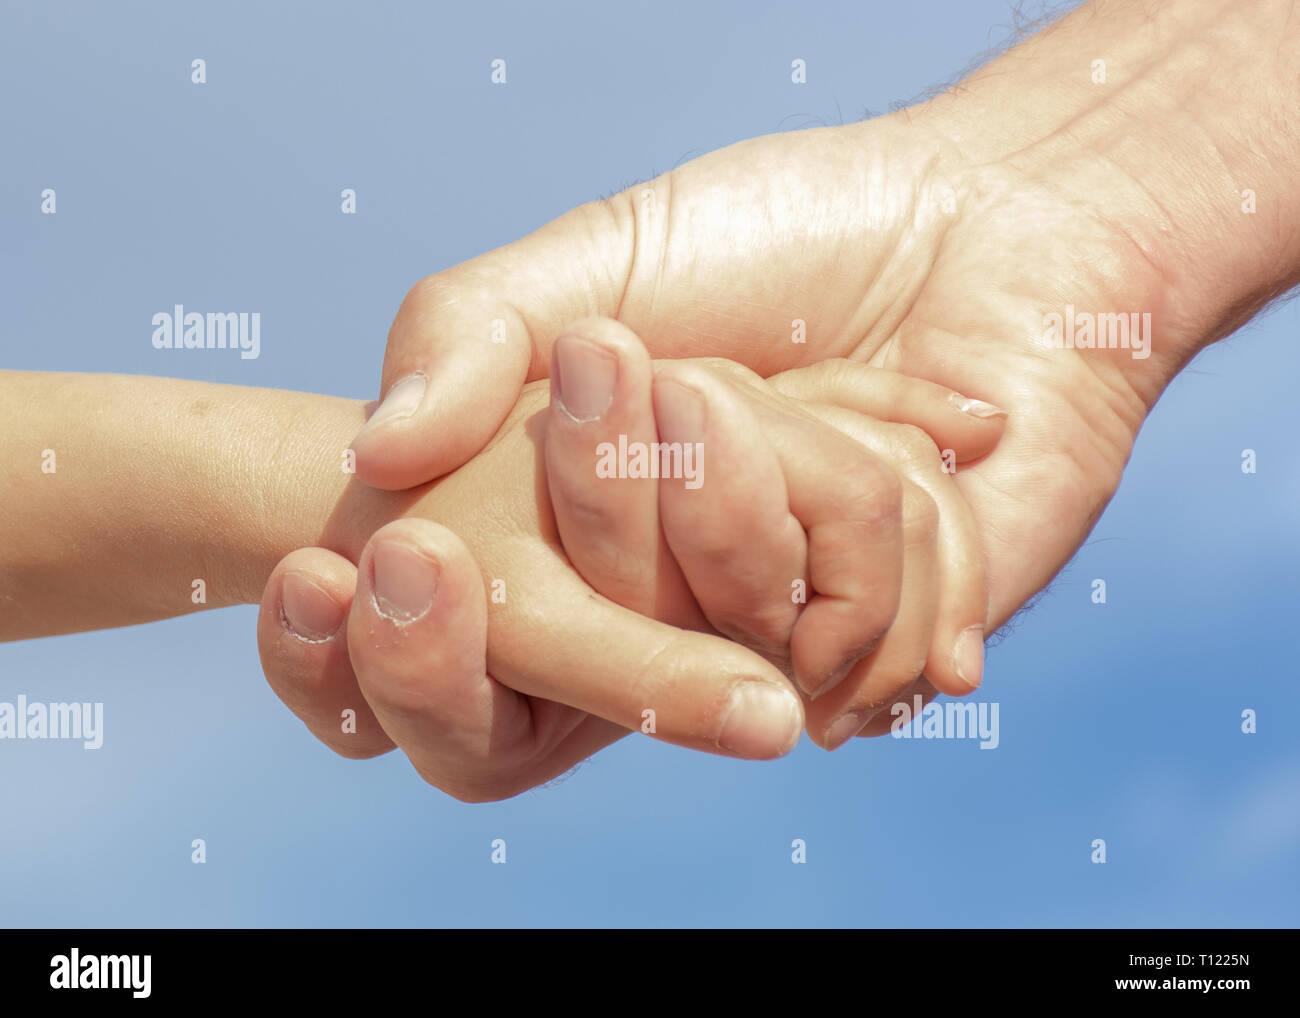 Die Hand-in-Hand. Ein Vater für seine Tochter halten Hände mit einem blauen Himmel im Hintergrund. Stockbild